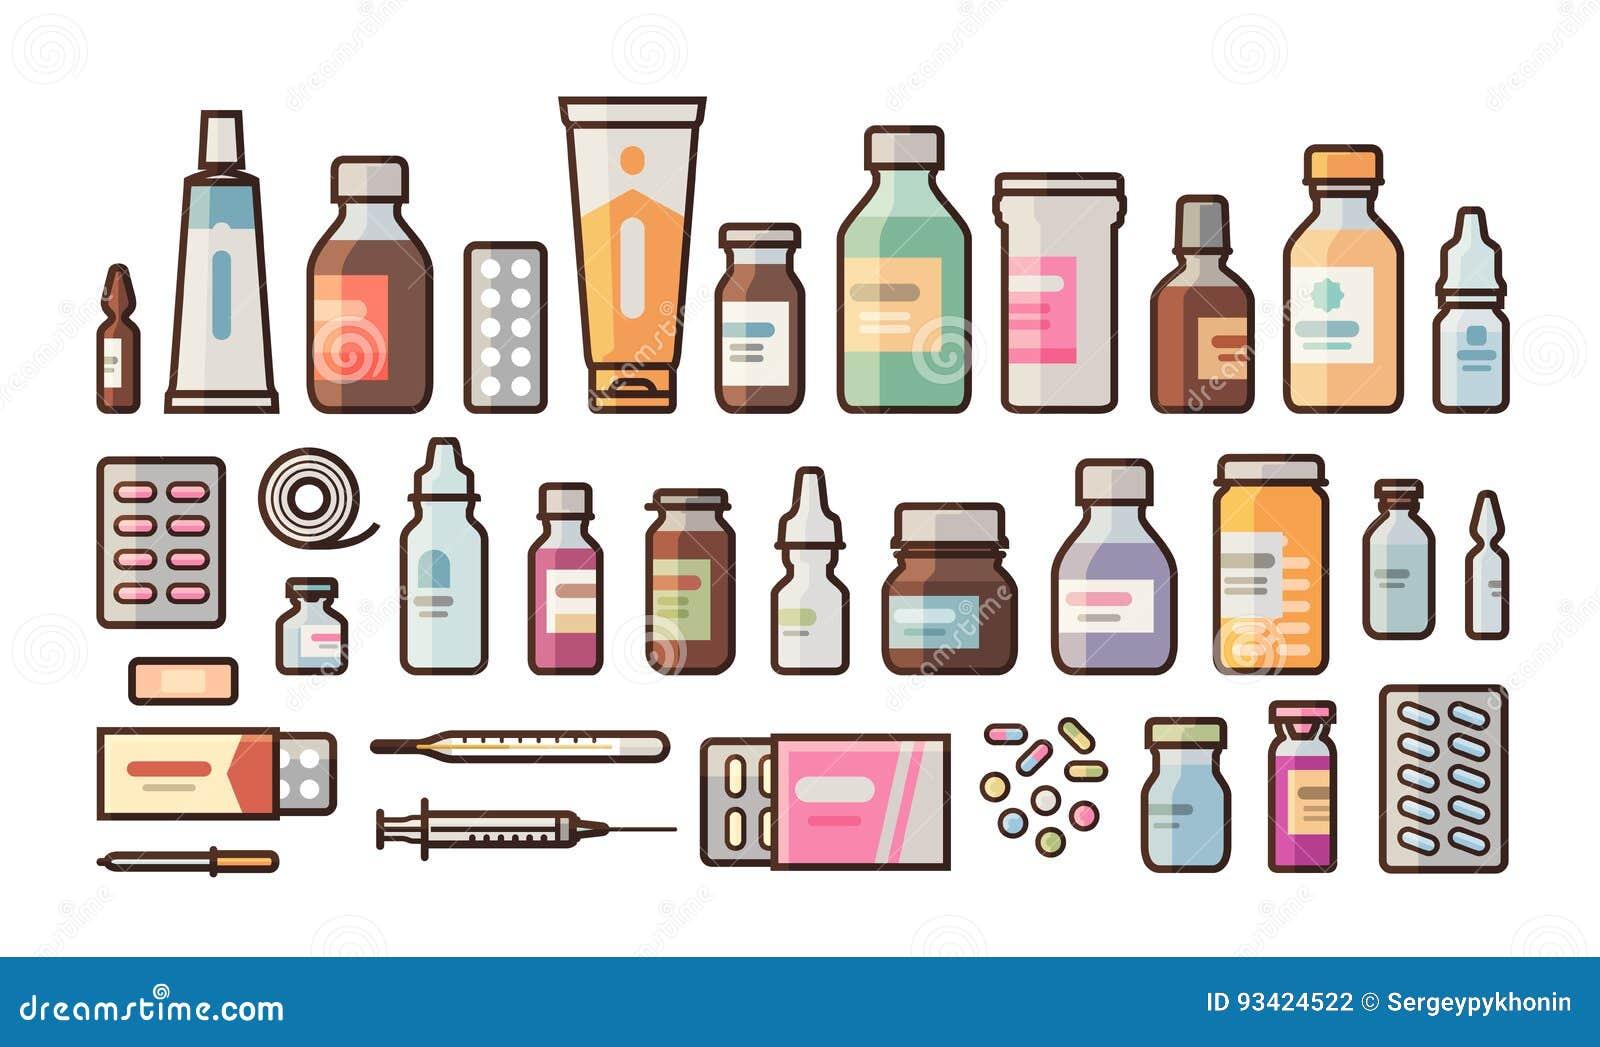 Apotheke, Medikation, Flaschen, Pillen, Kapseln stellte Ikonen ein Drugstore, Medizin, Krankenhauskonzept Vektorillustration in